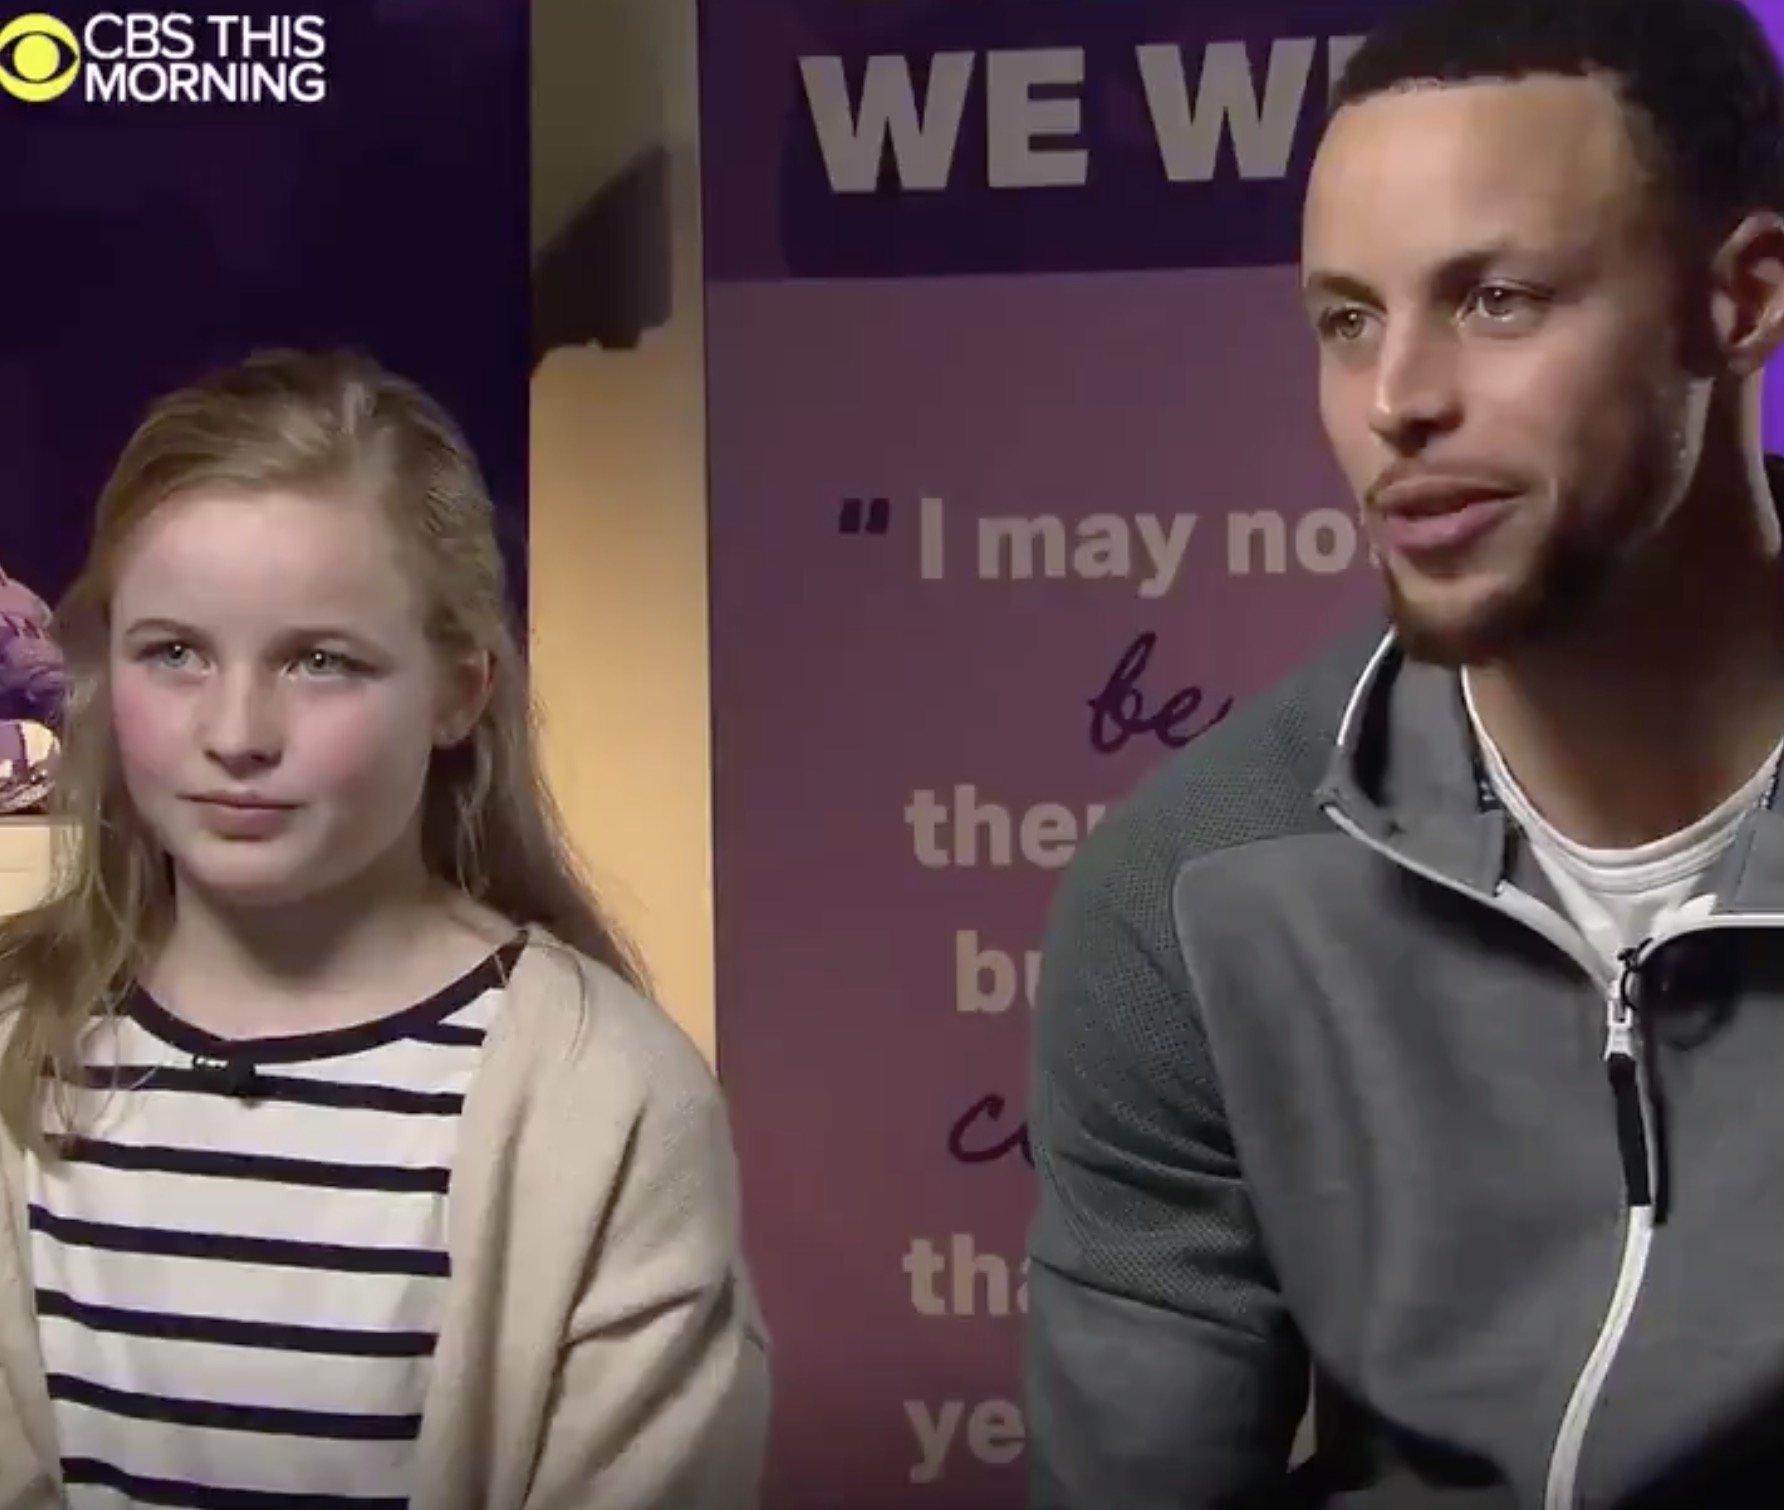 9歳の少女のファンレターが、NBAスターのステフィン・カリー選手を動かした。女子用のバッシュ販売を約束(国際女性デー)